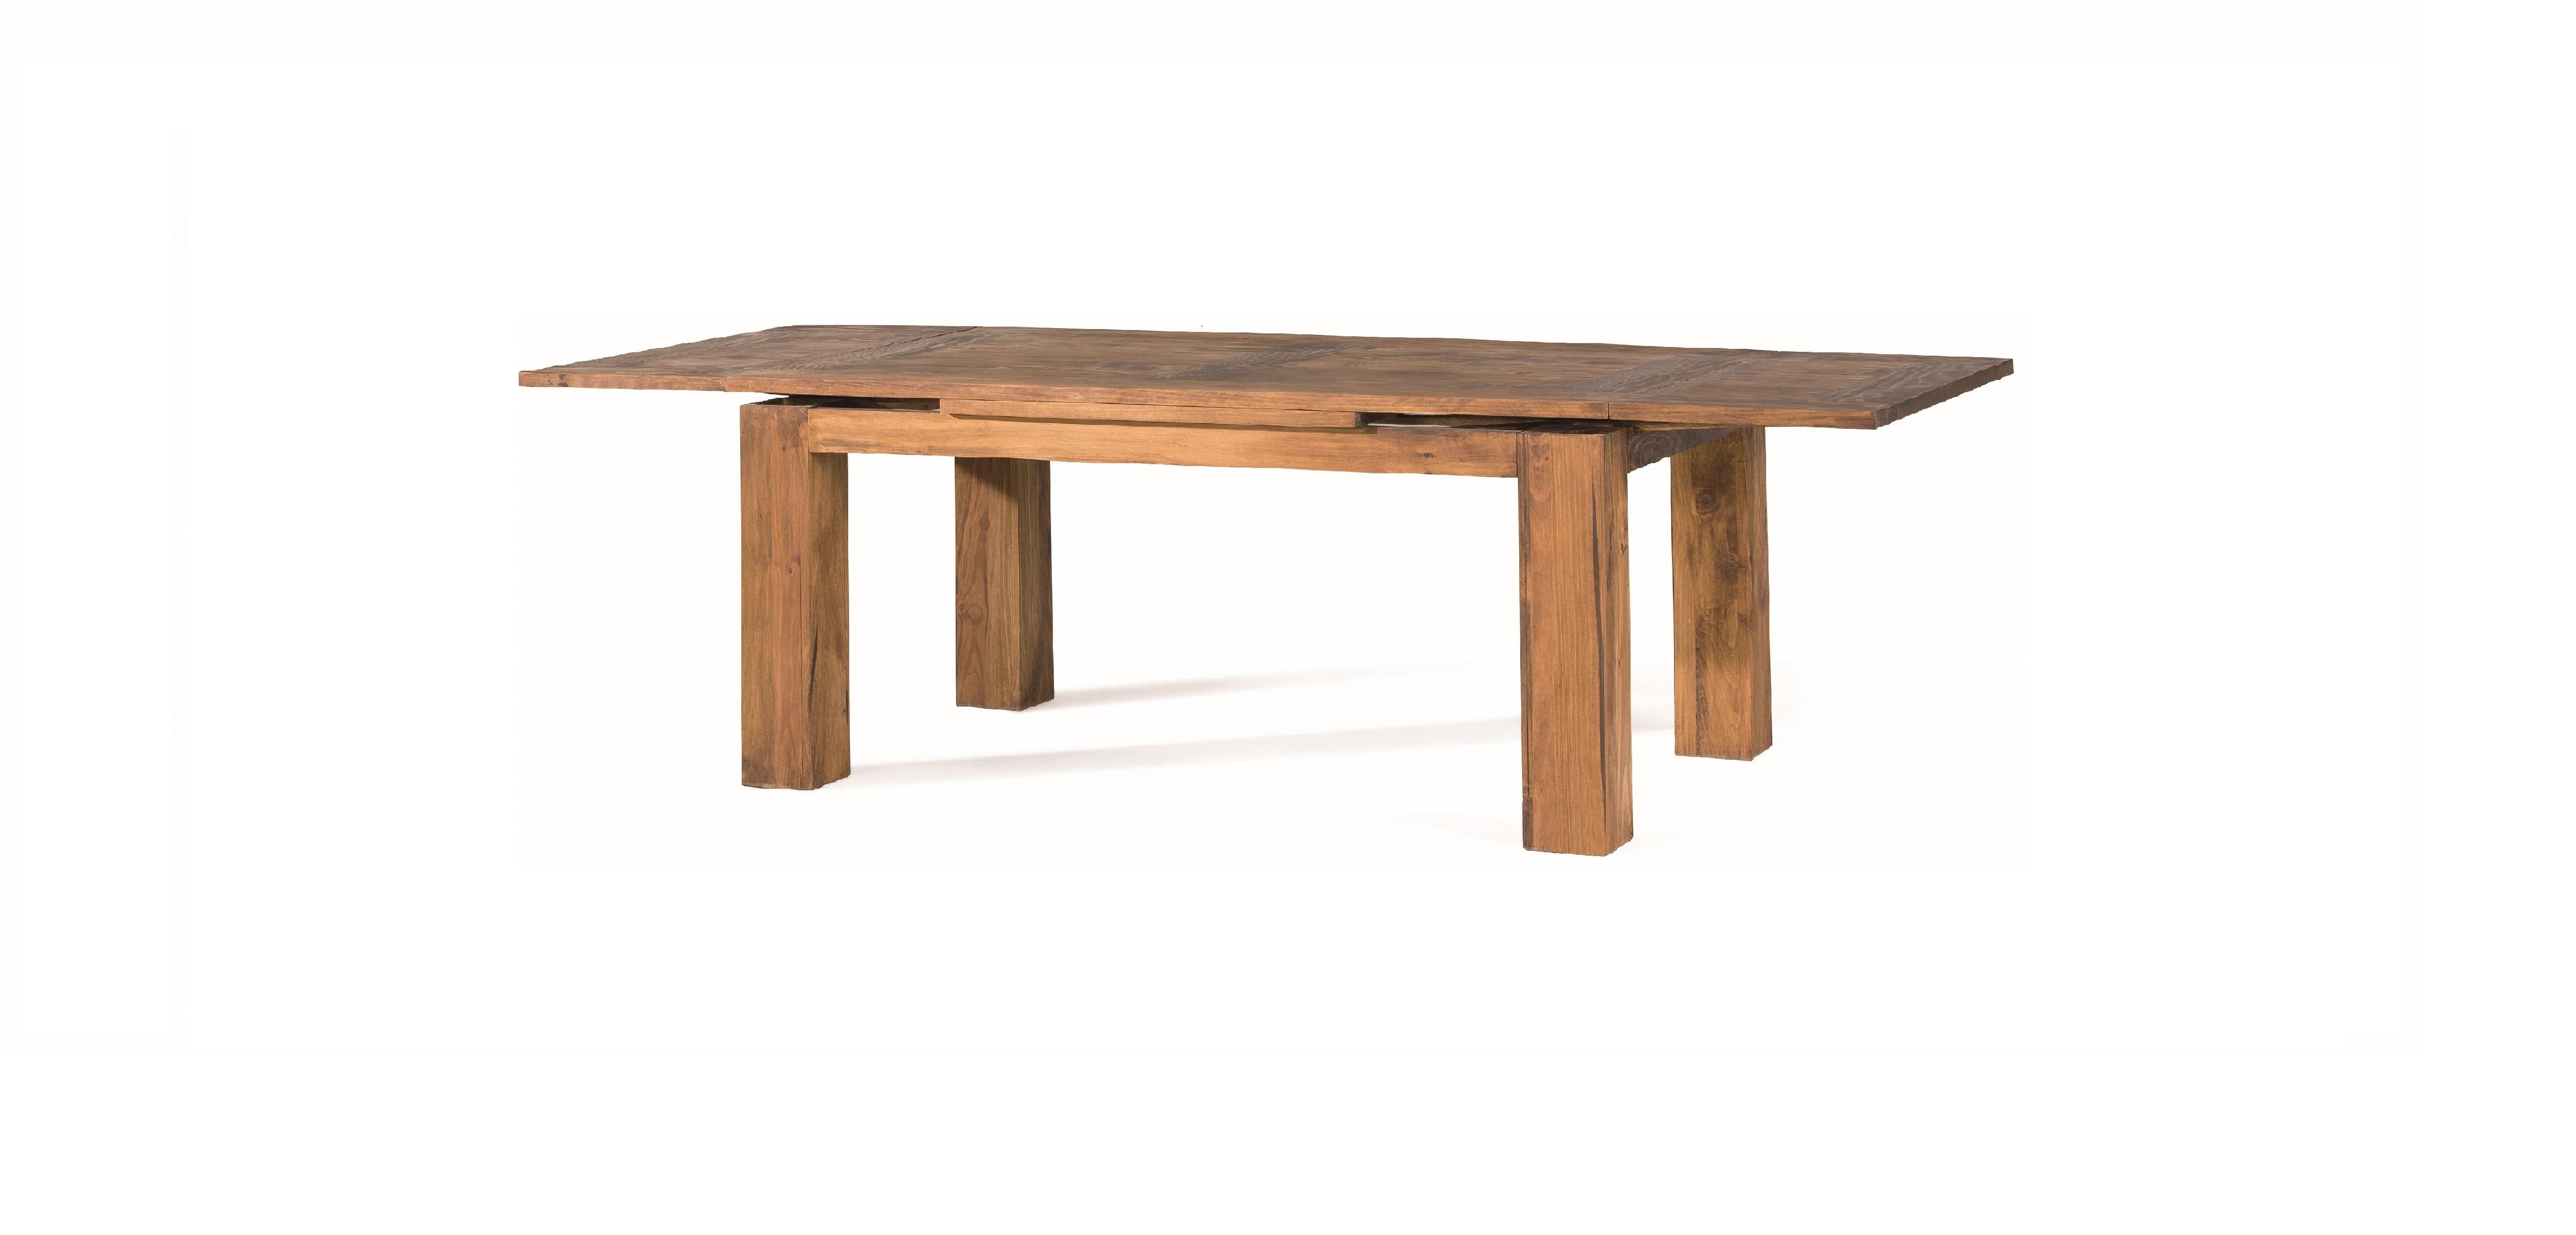 Mesa de comedor r stica extensible 50025 myoc f brica de muebles r sticos 100 madera maciza - Mesa comedor rustica extensible ...